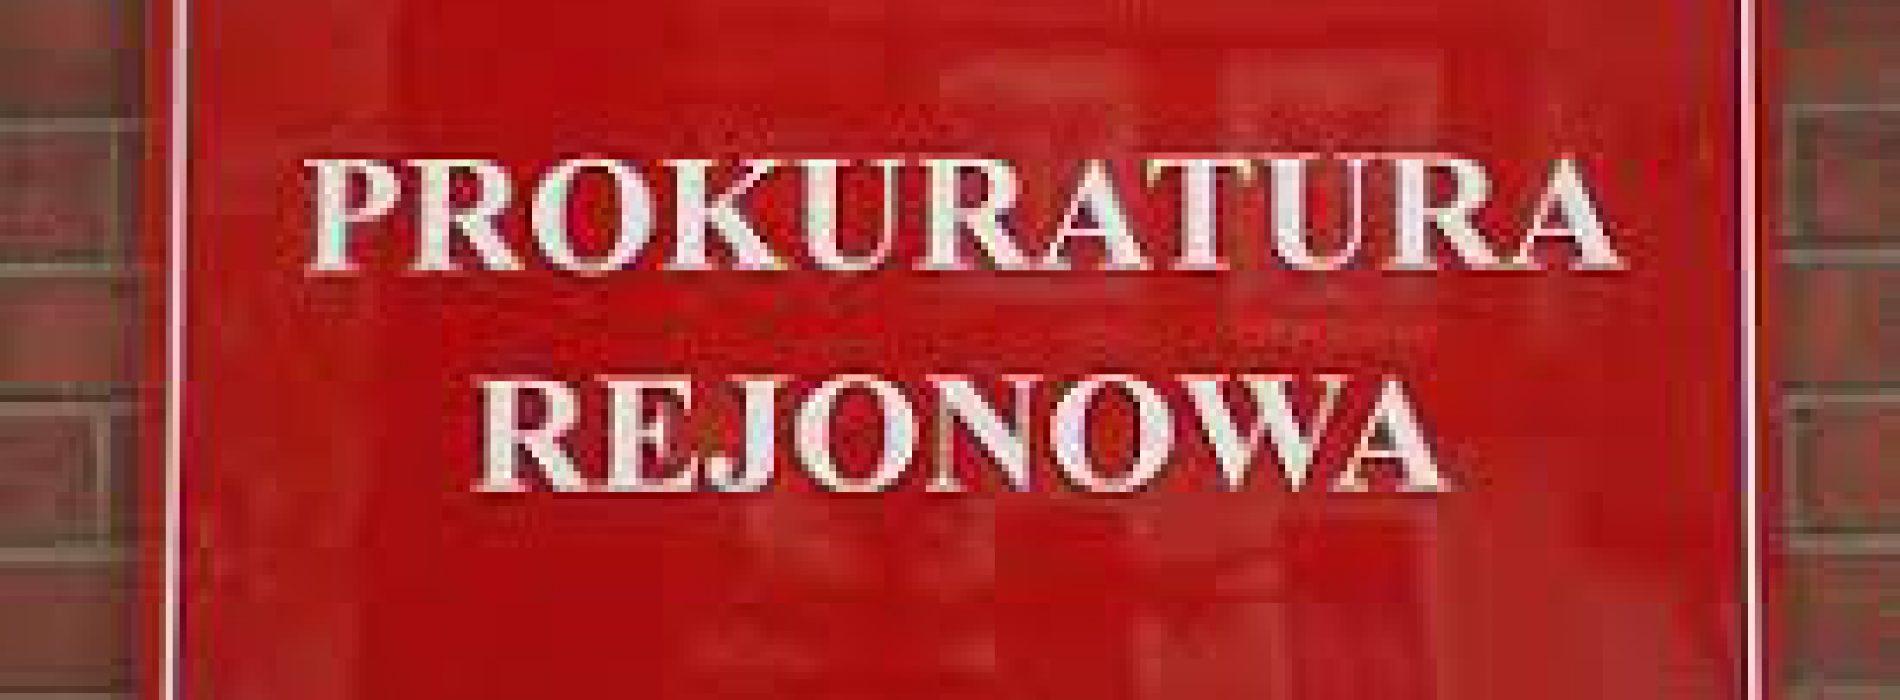 Porkuratura w Szczytnie zbada śmierć polskiego obywatela we Francji